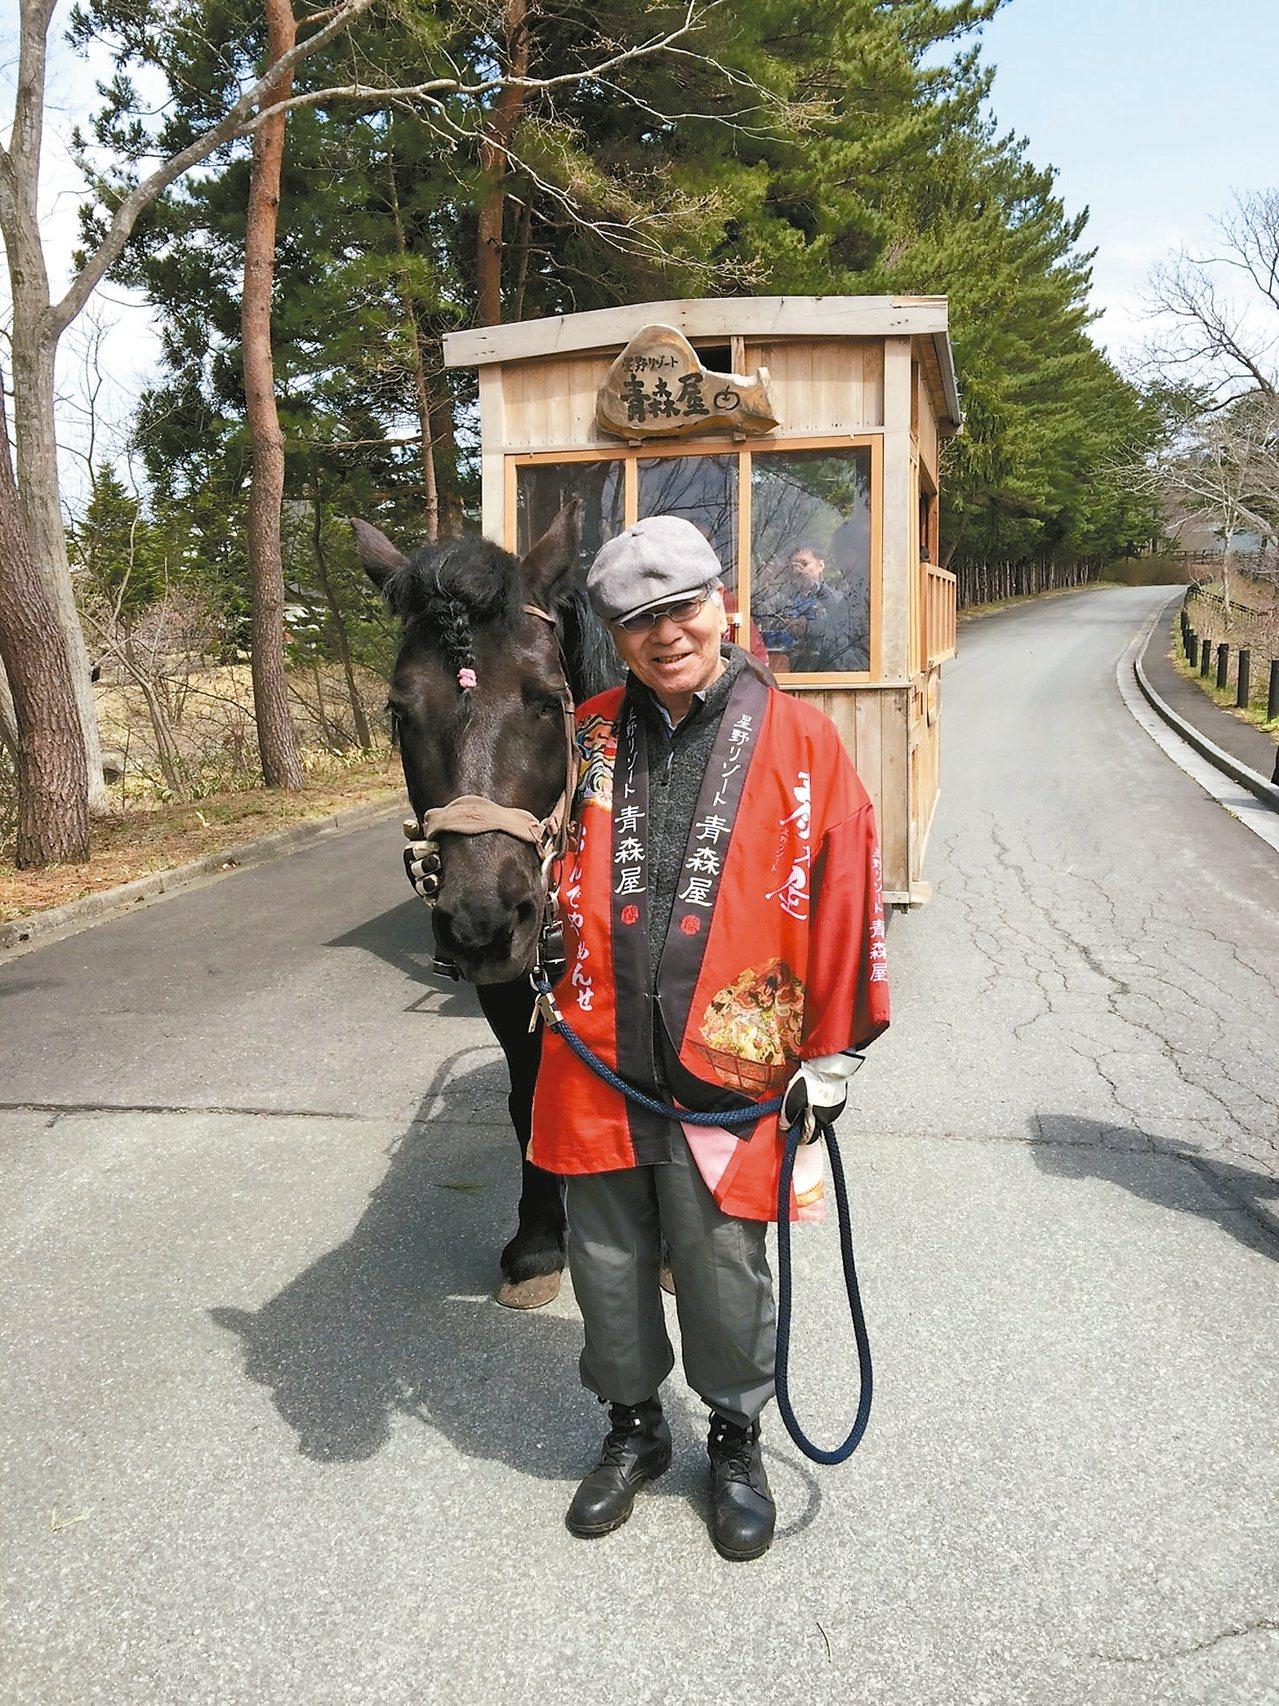 季節主題馬車是青森屋的一大賣點。 記者錢欽青/攝影 圖/業者提供